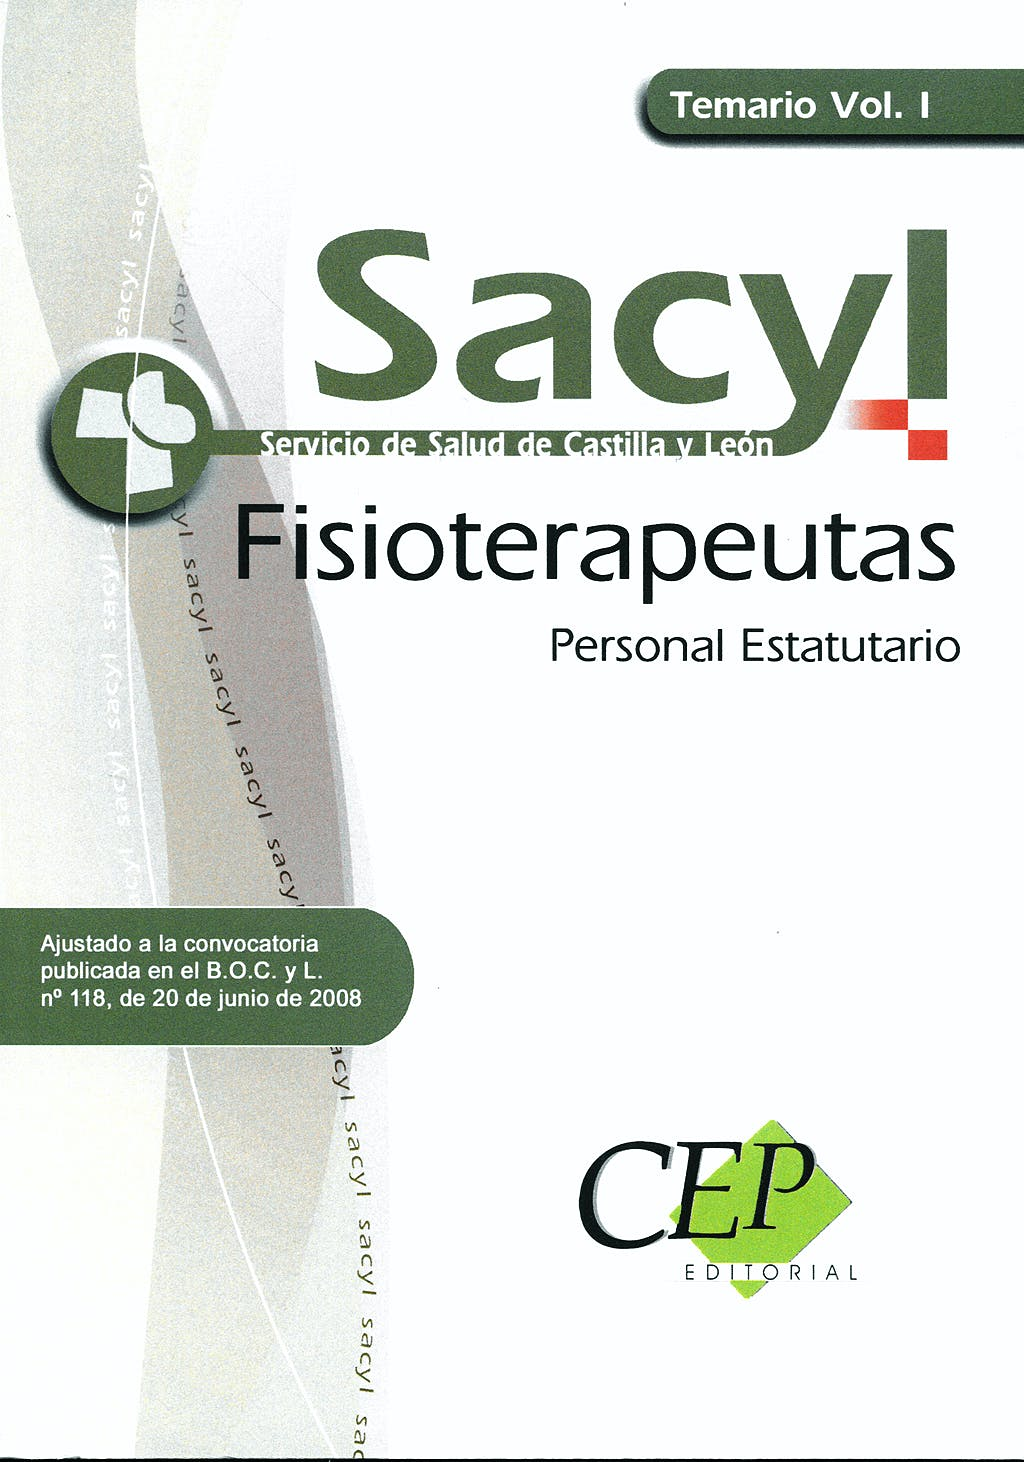 Portada del libro 9788498825381 Temario Vol I - Fisioterapeutas, Personal Estatutario Sacyl